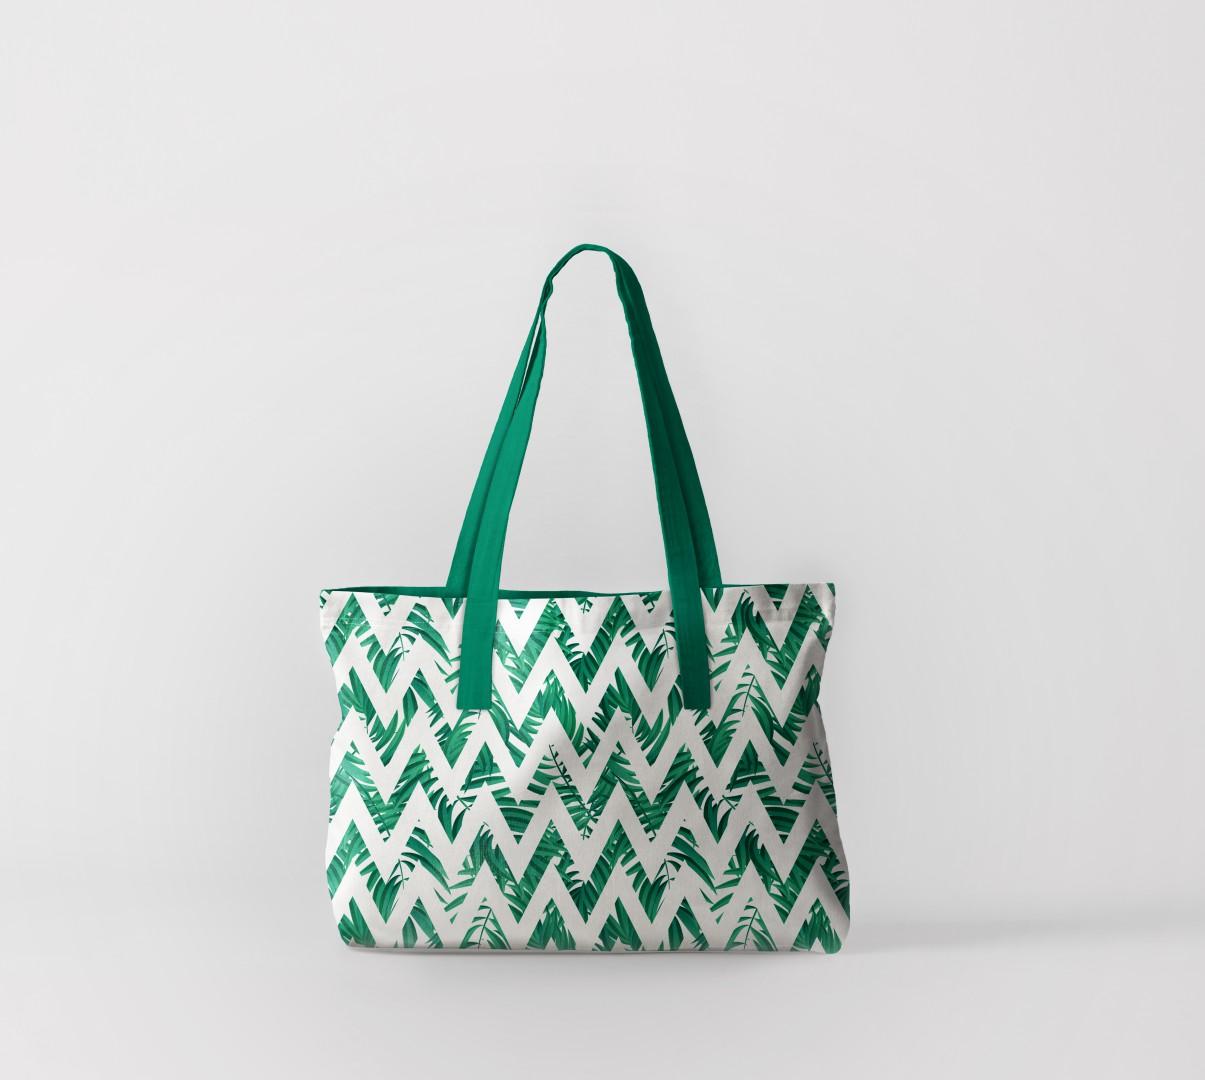 Пляжная сумка Флора тропиков 1 (50х40 см) Олимп Текстиль oli732601